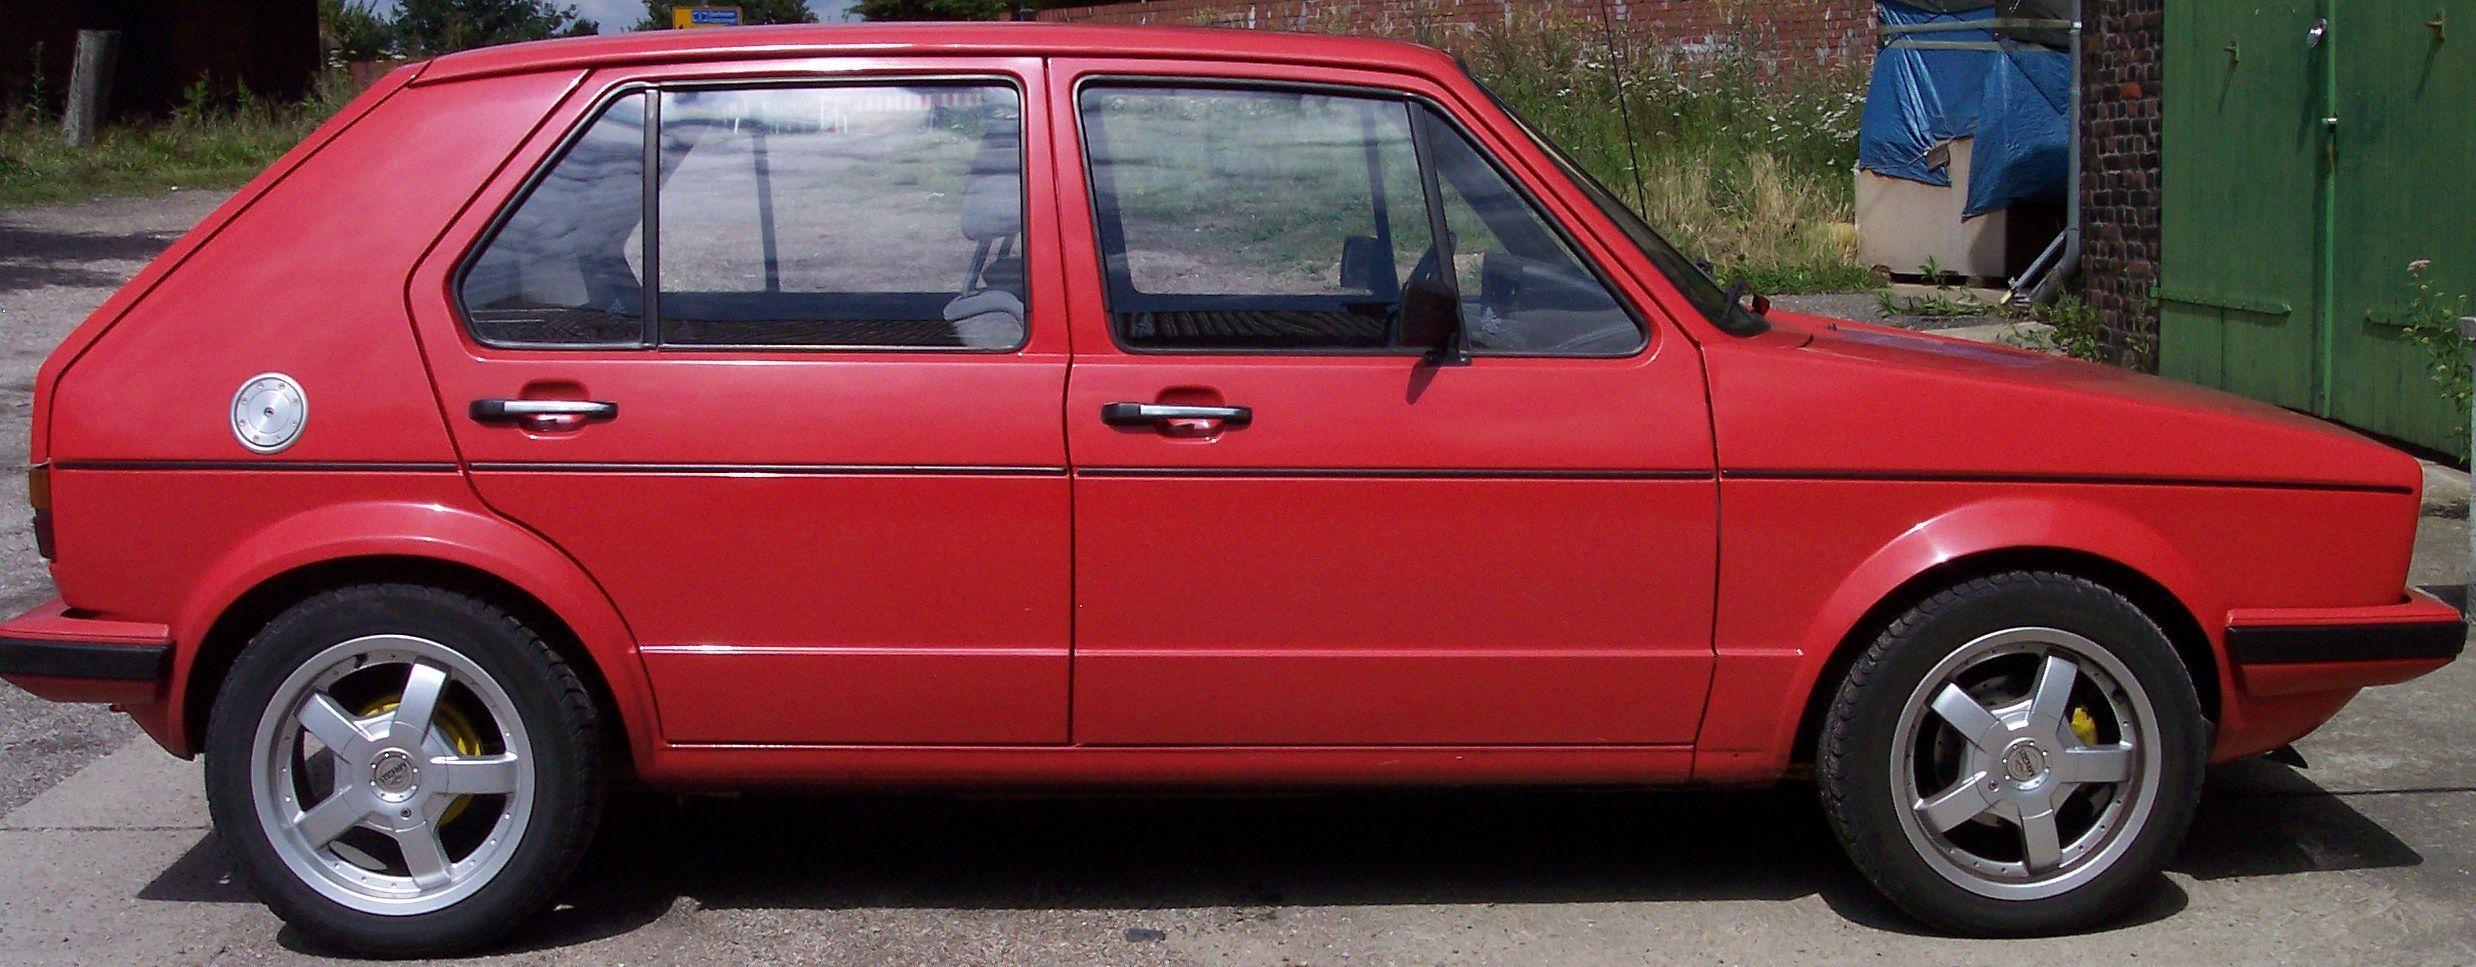 Volkswagen Golf I Red Hd Cars Wallpapers Volkswagen Hd Wallpaper